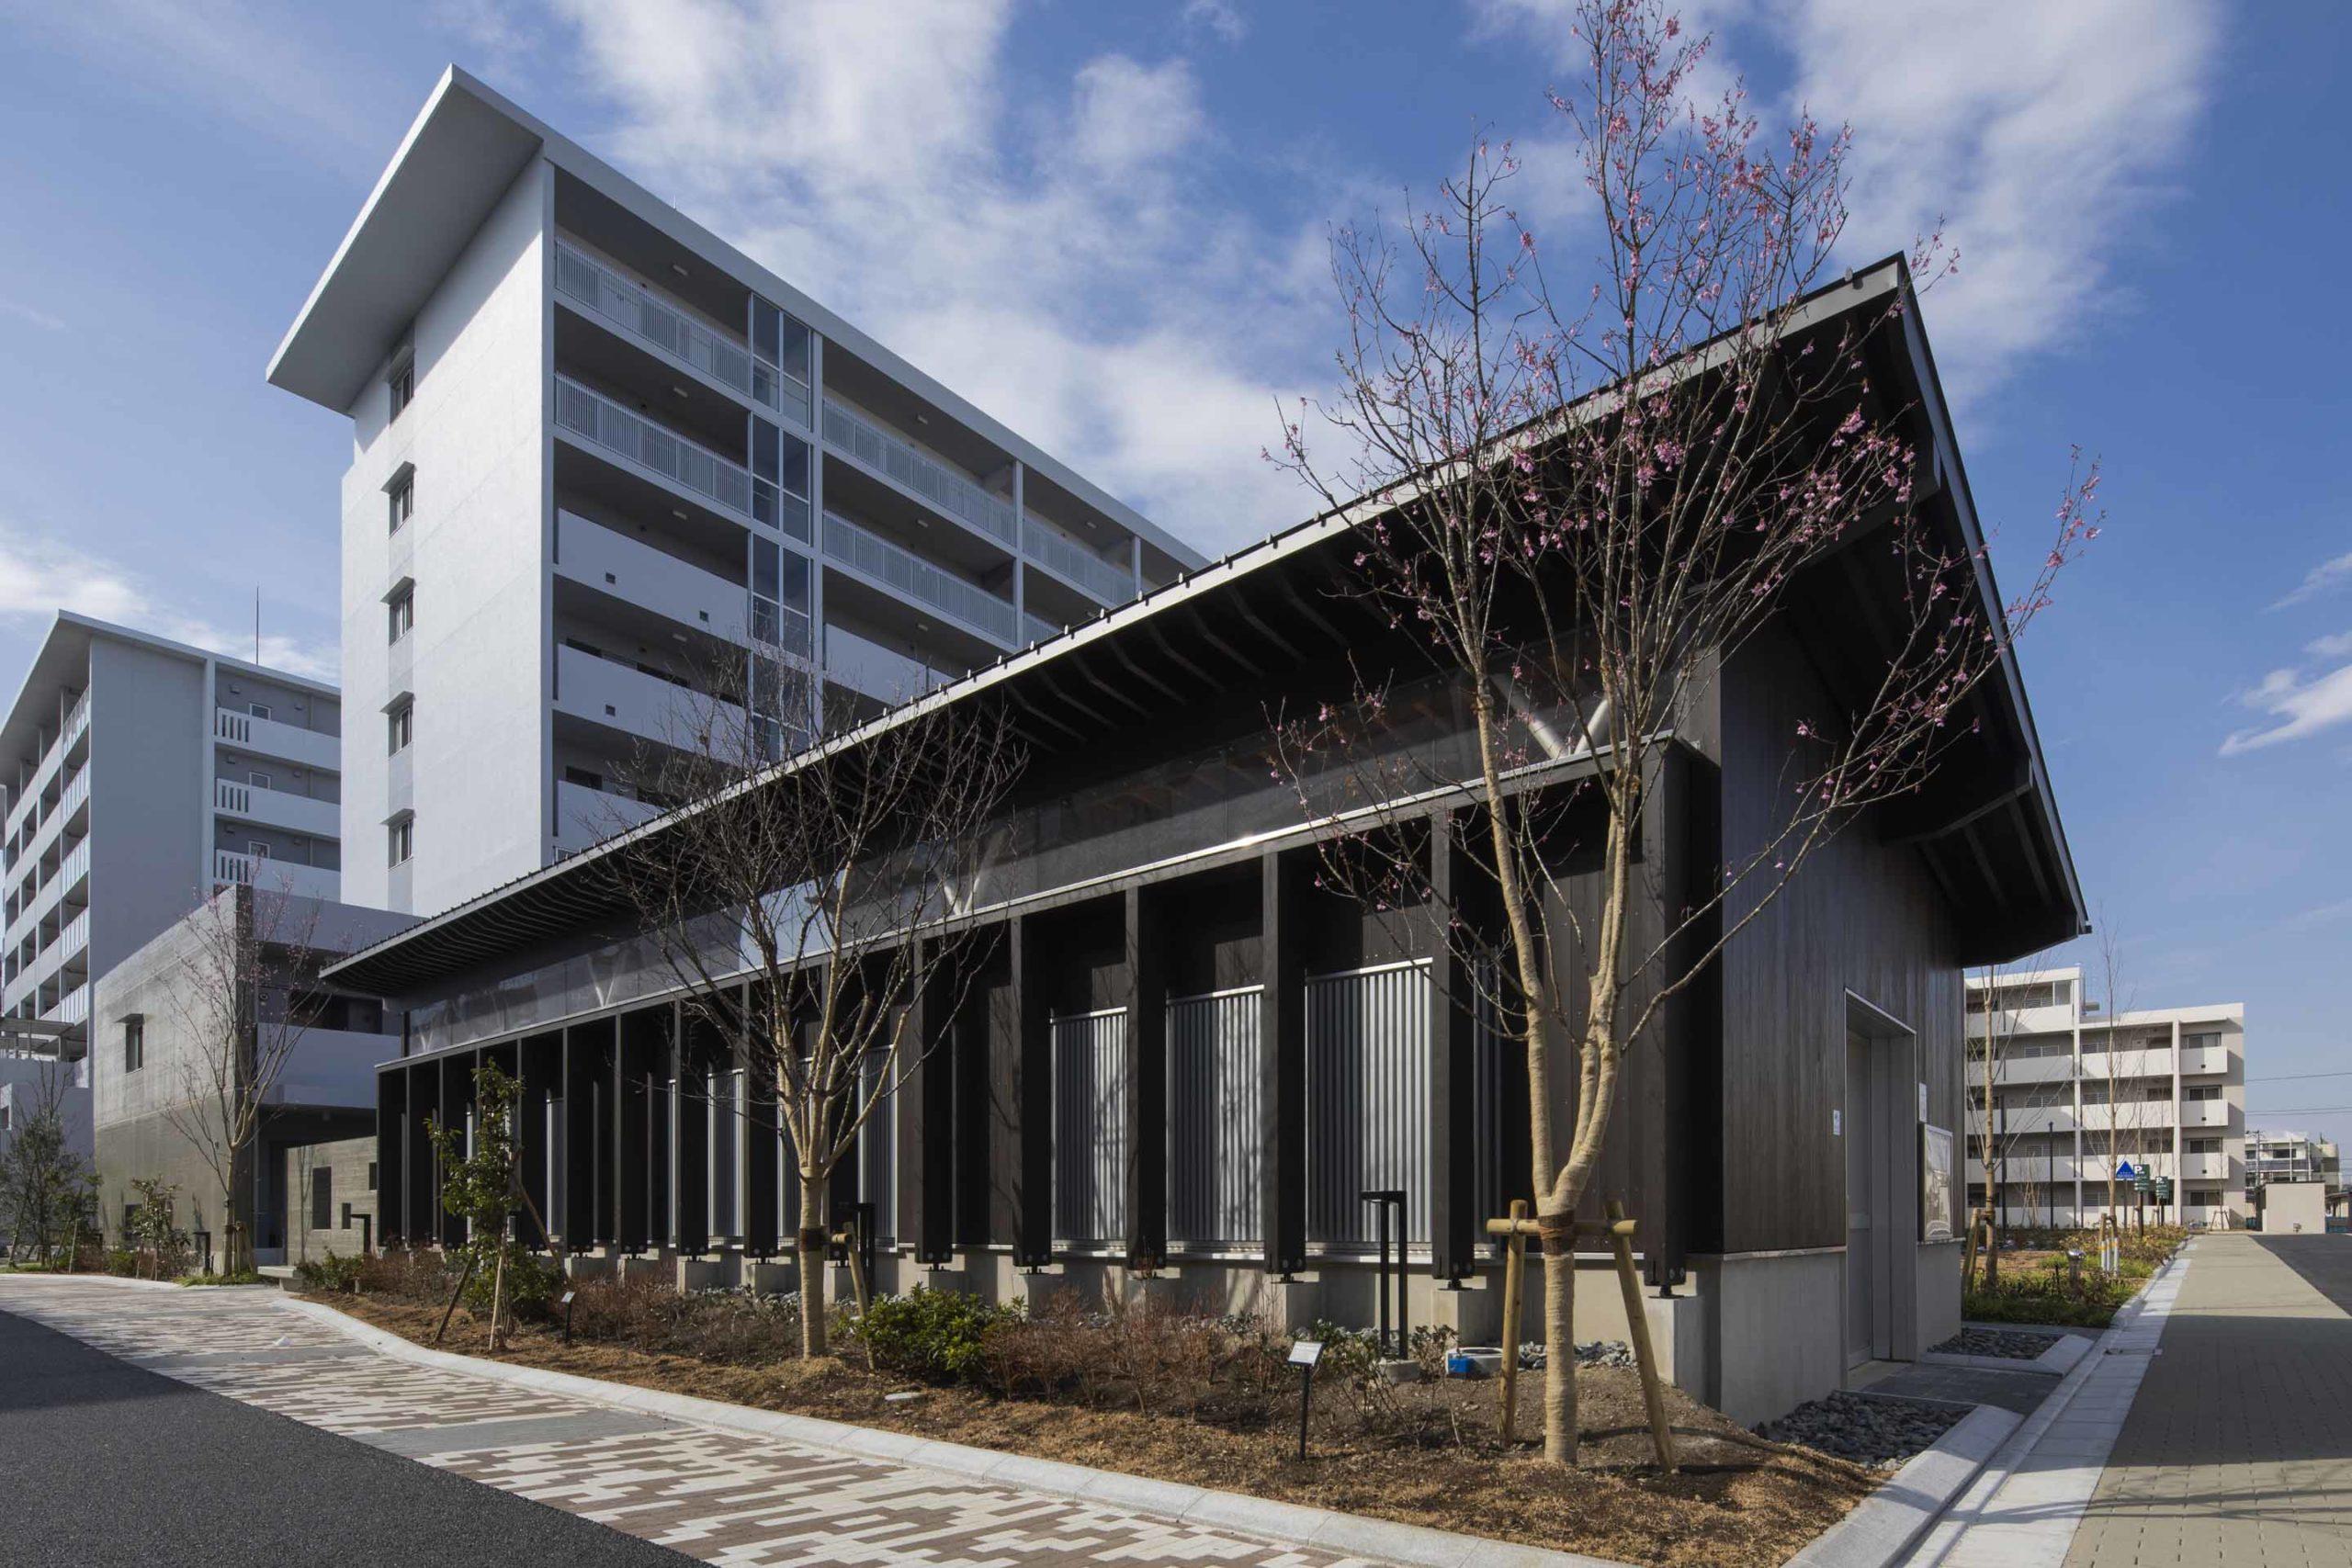 コンフォール浜見平(D-1①街区・13-7号棟、中央集会所)